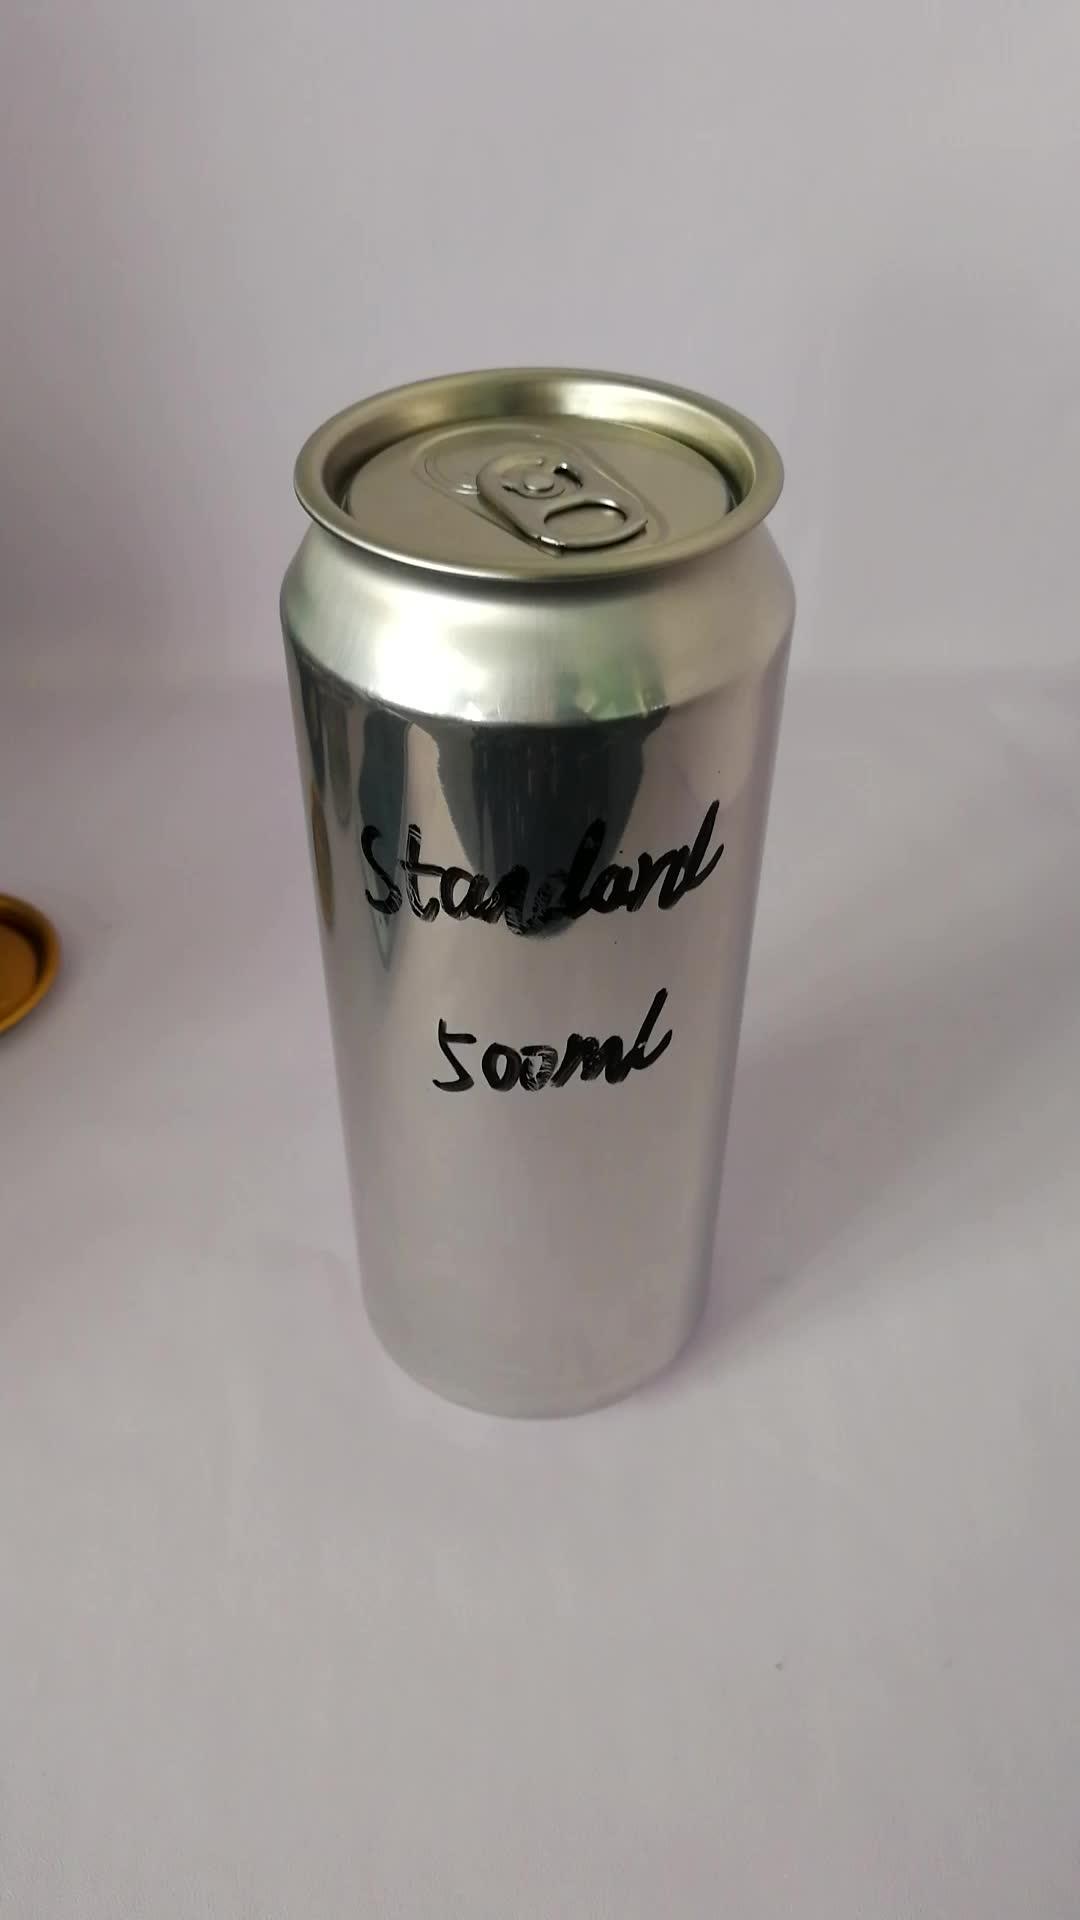 500 ml एल्यूमीनियम बियर कर सकते हैं